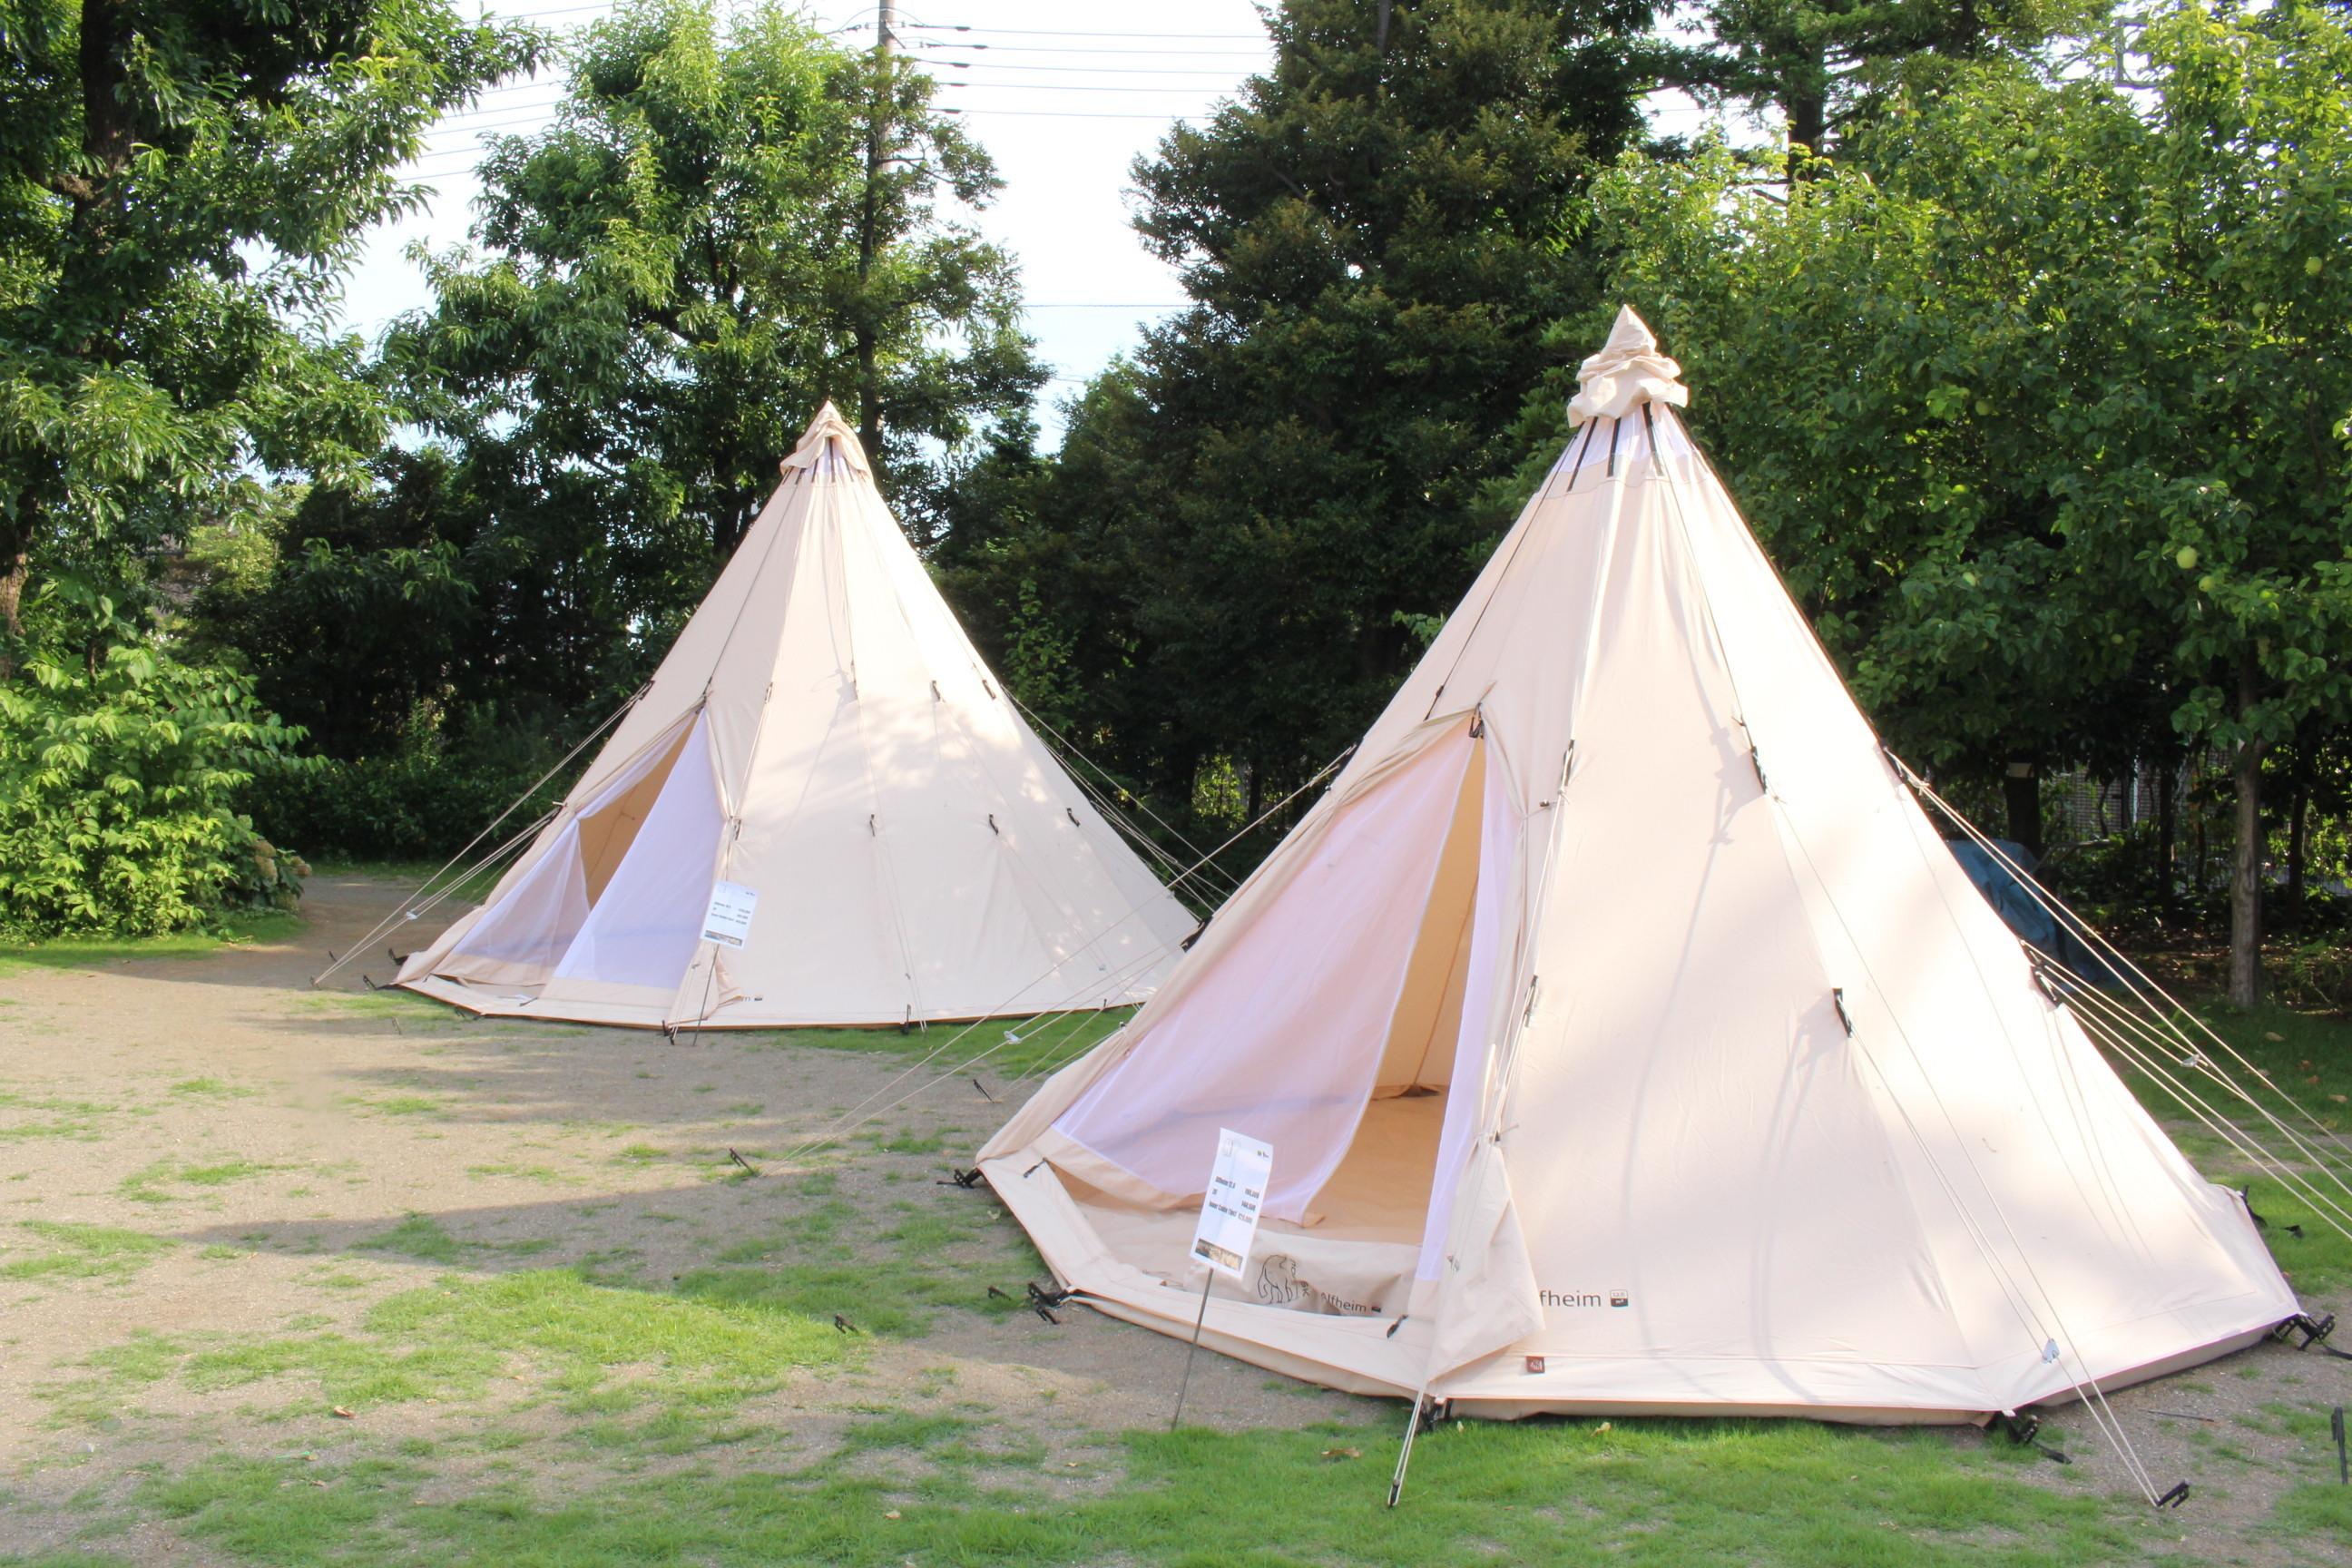 「シロクマ」マークが大人気!NORDISK(ノルディスク)テントを持っておしゃれキャンプに行こう!